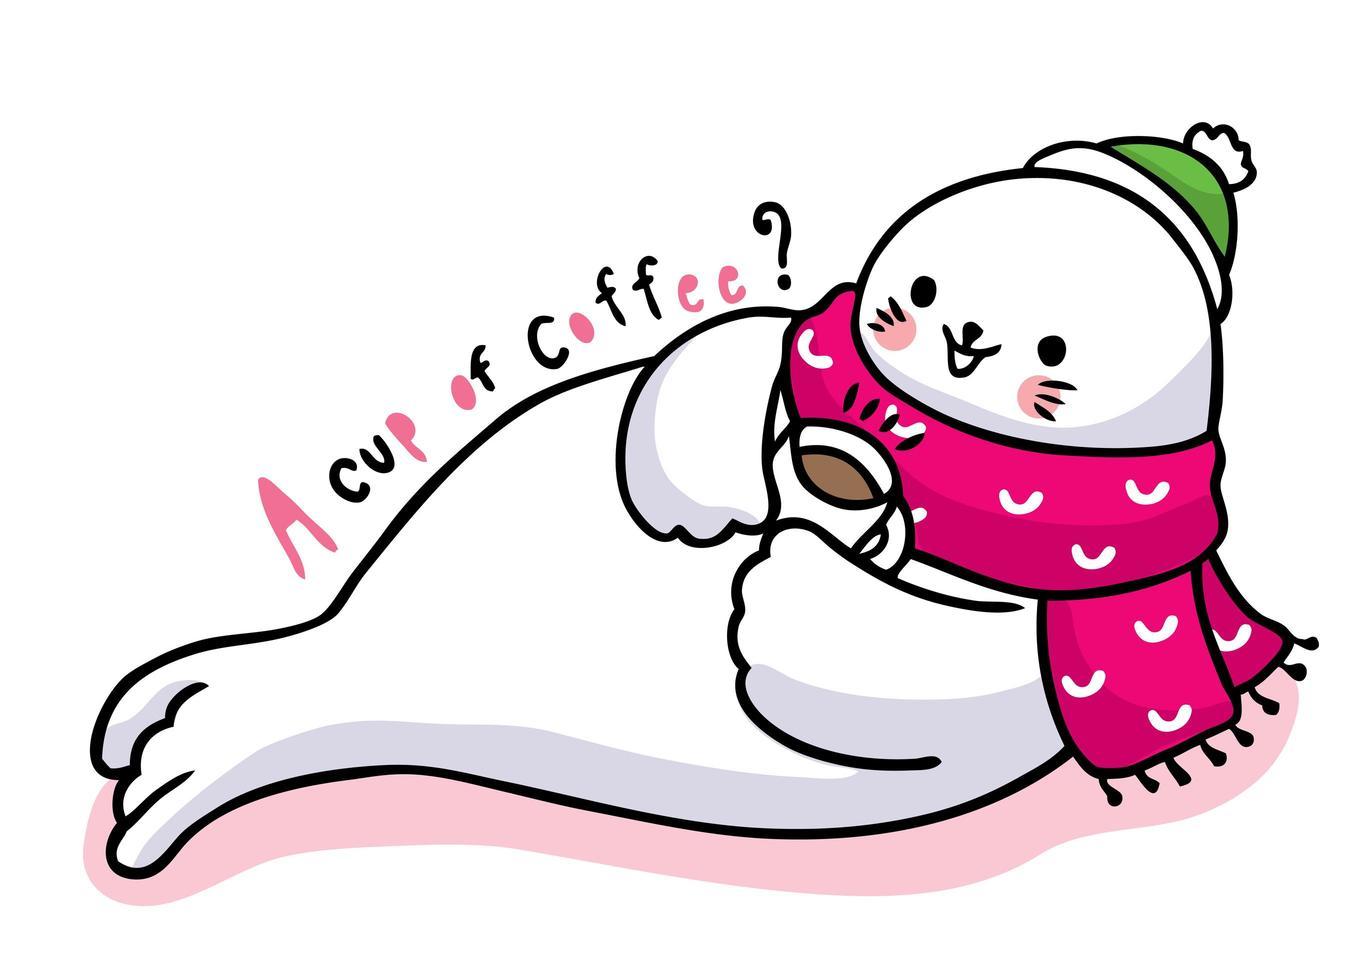 sello de dibujos animados lindo tomando café vector